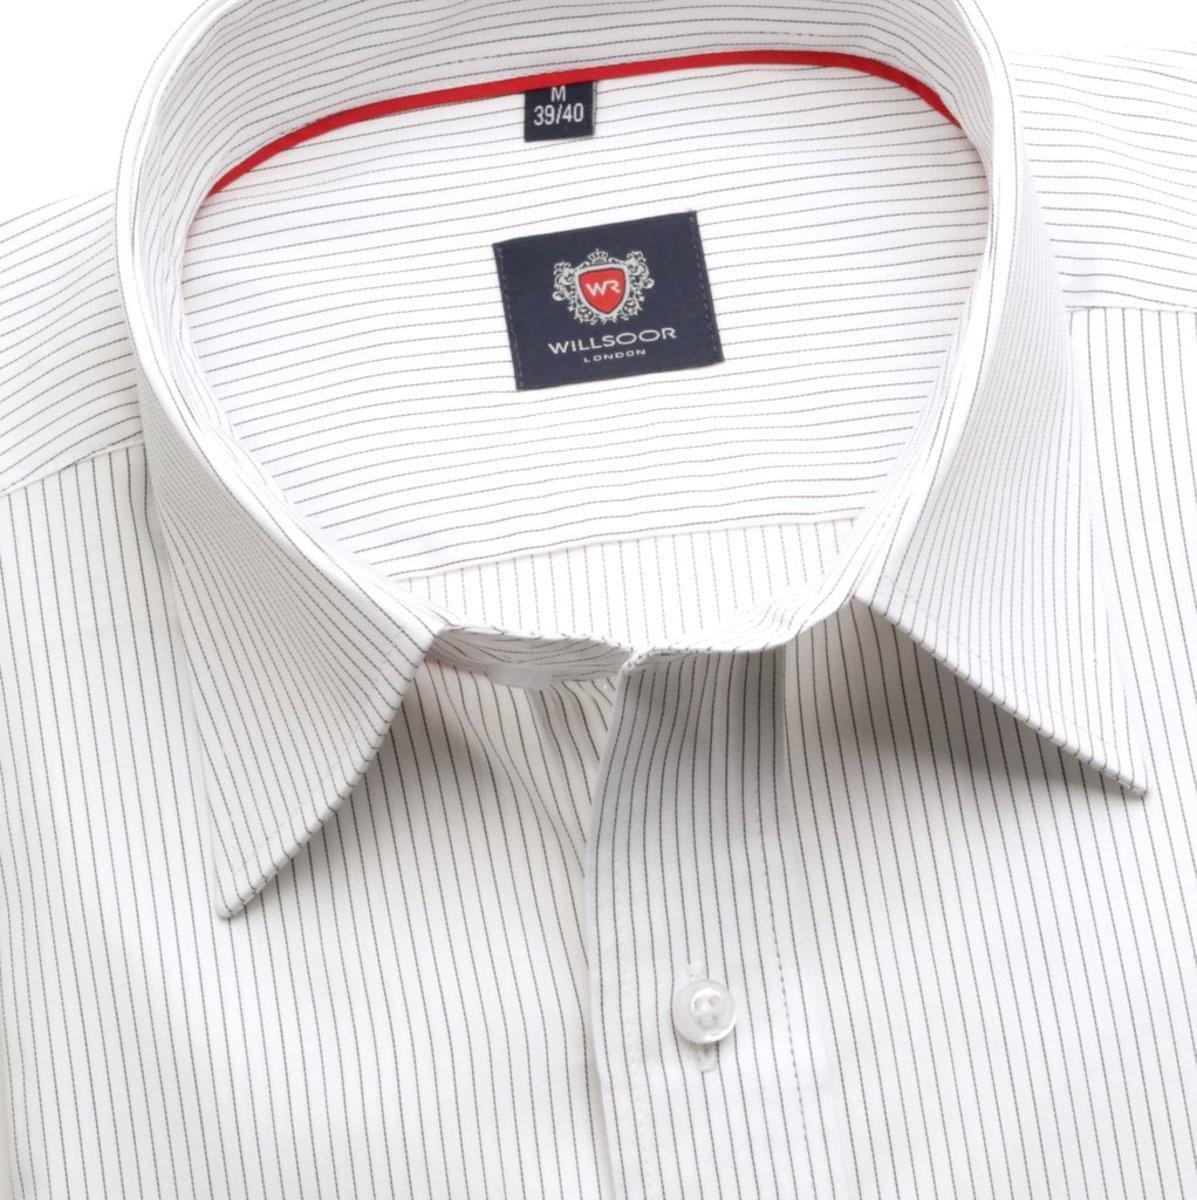 Pánská košile London (výška 176-182) 5929 v bílé barvě 176-182 / XL (43/44)